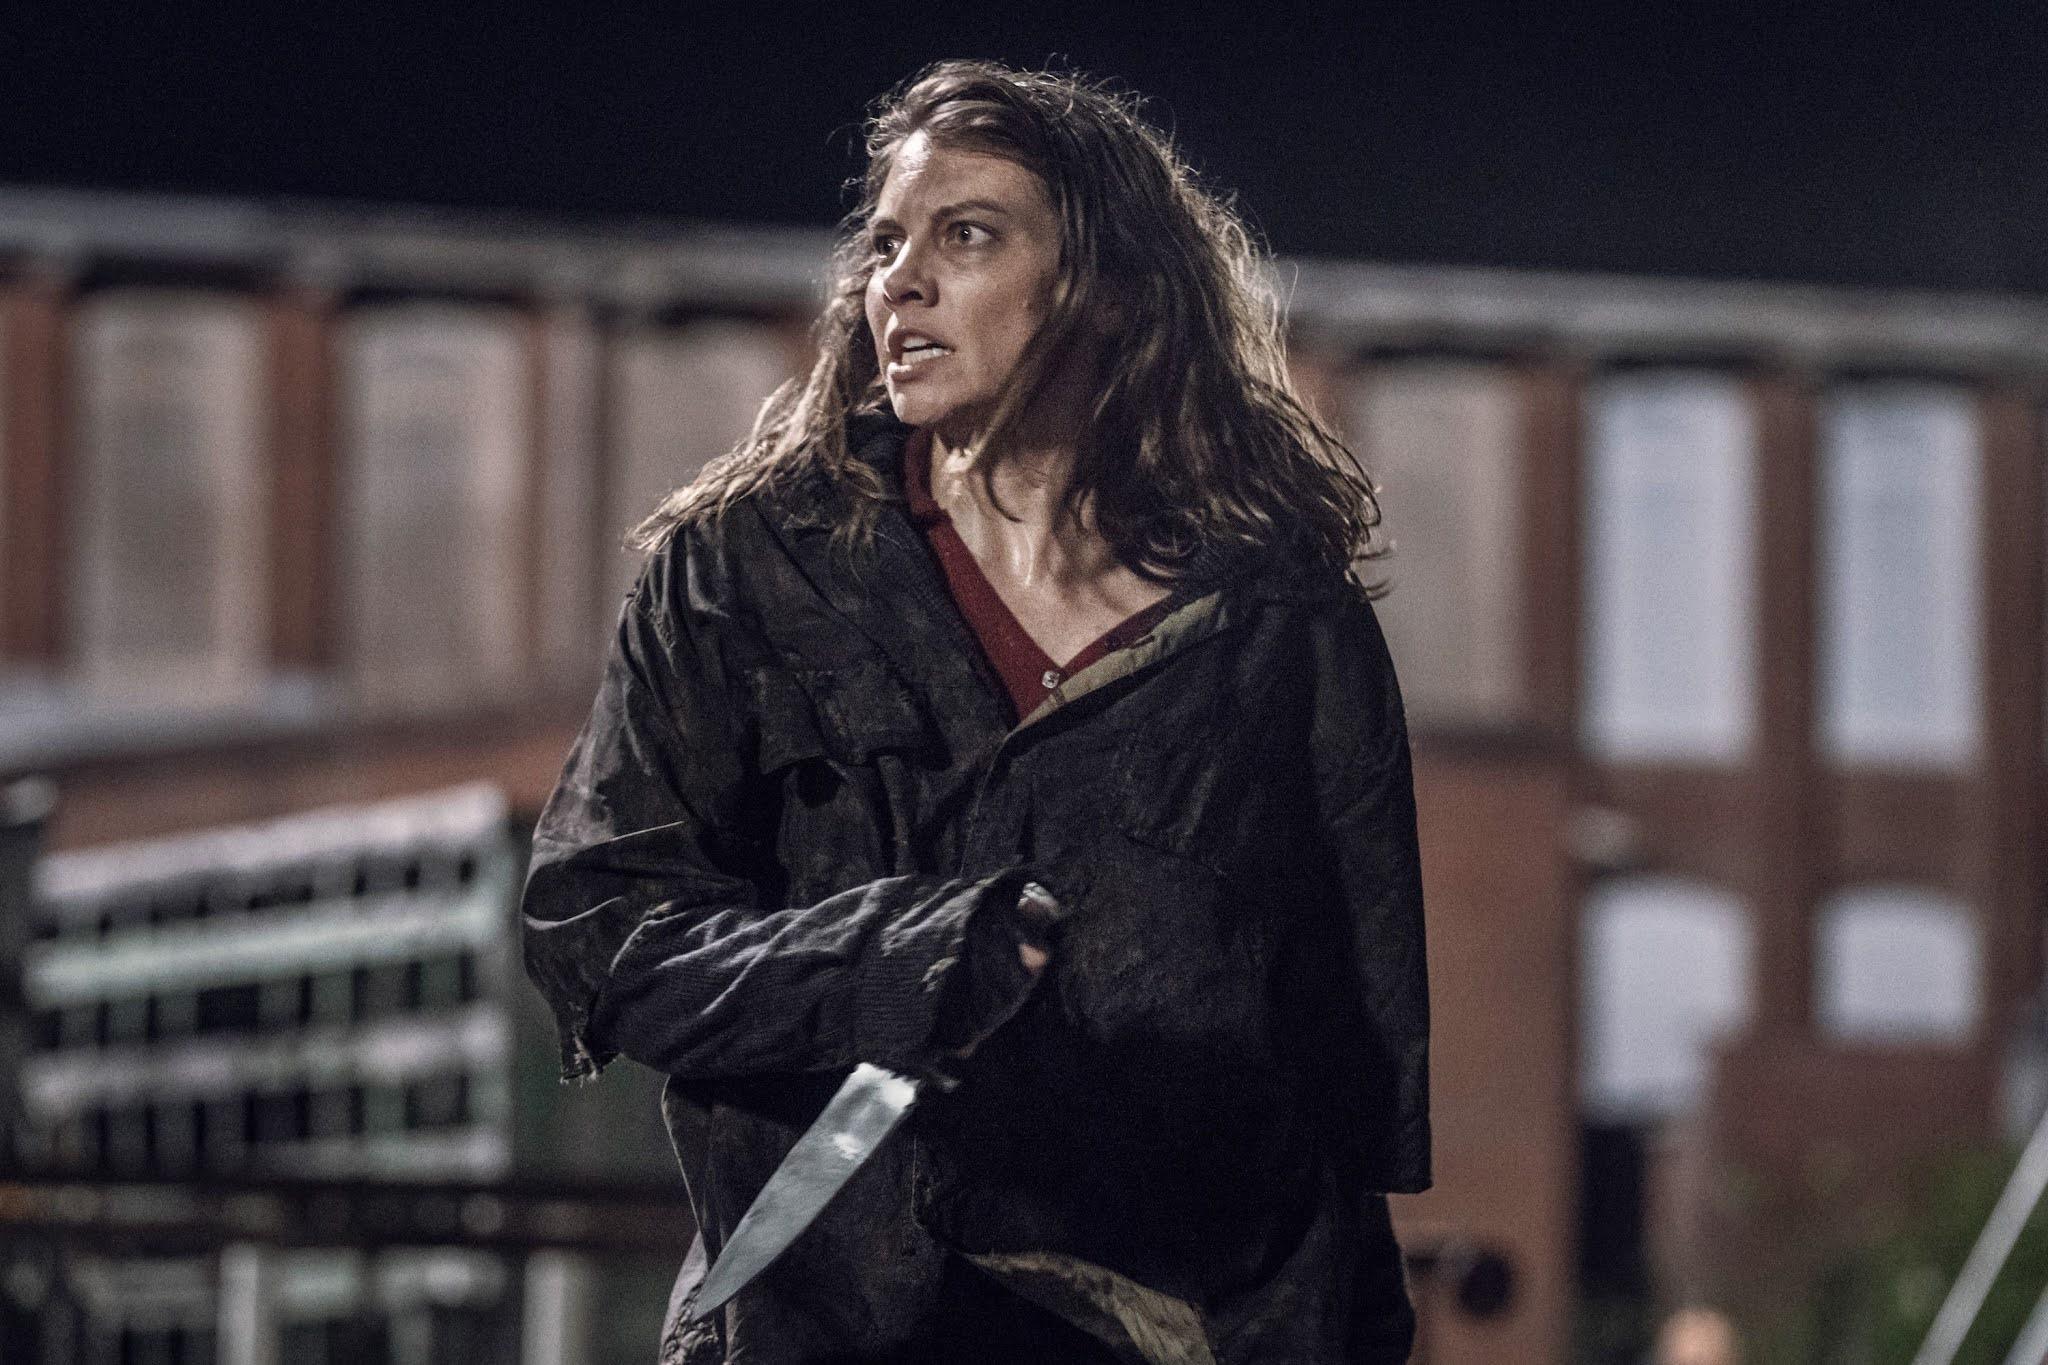 Maggie lucha dentro de Meridian en el 11x08 de The Walking Dead